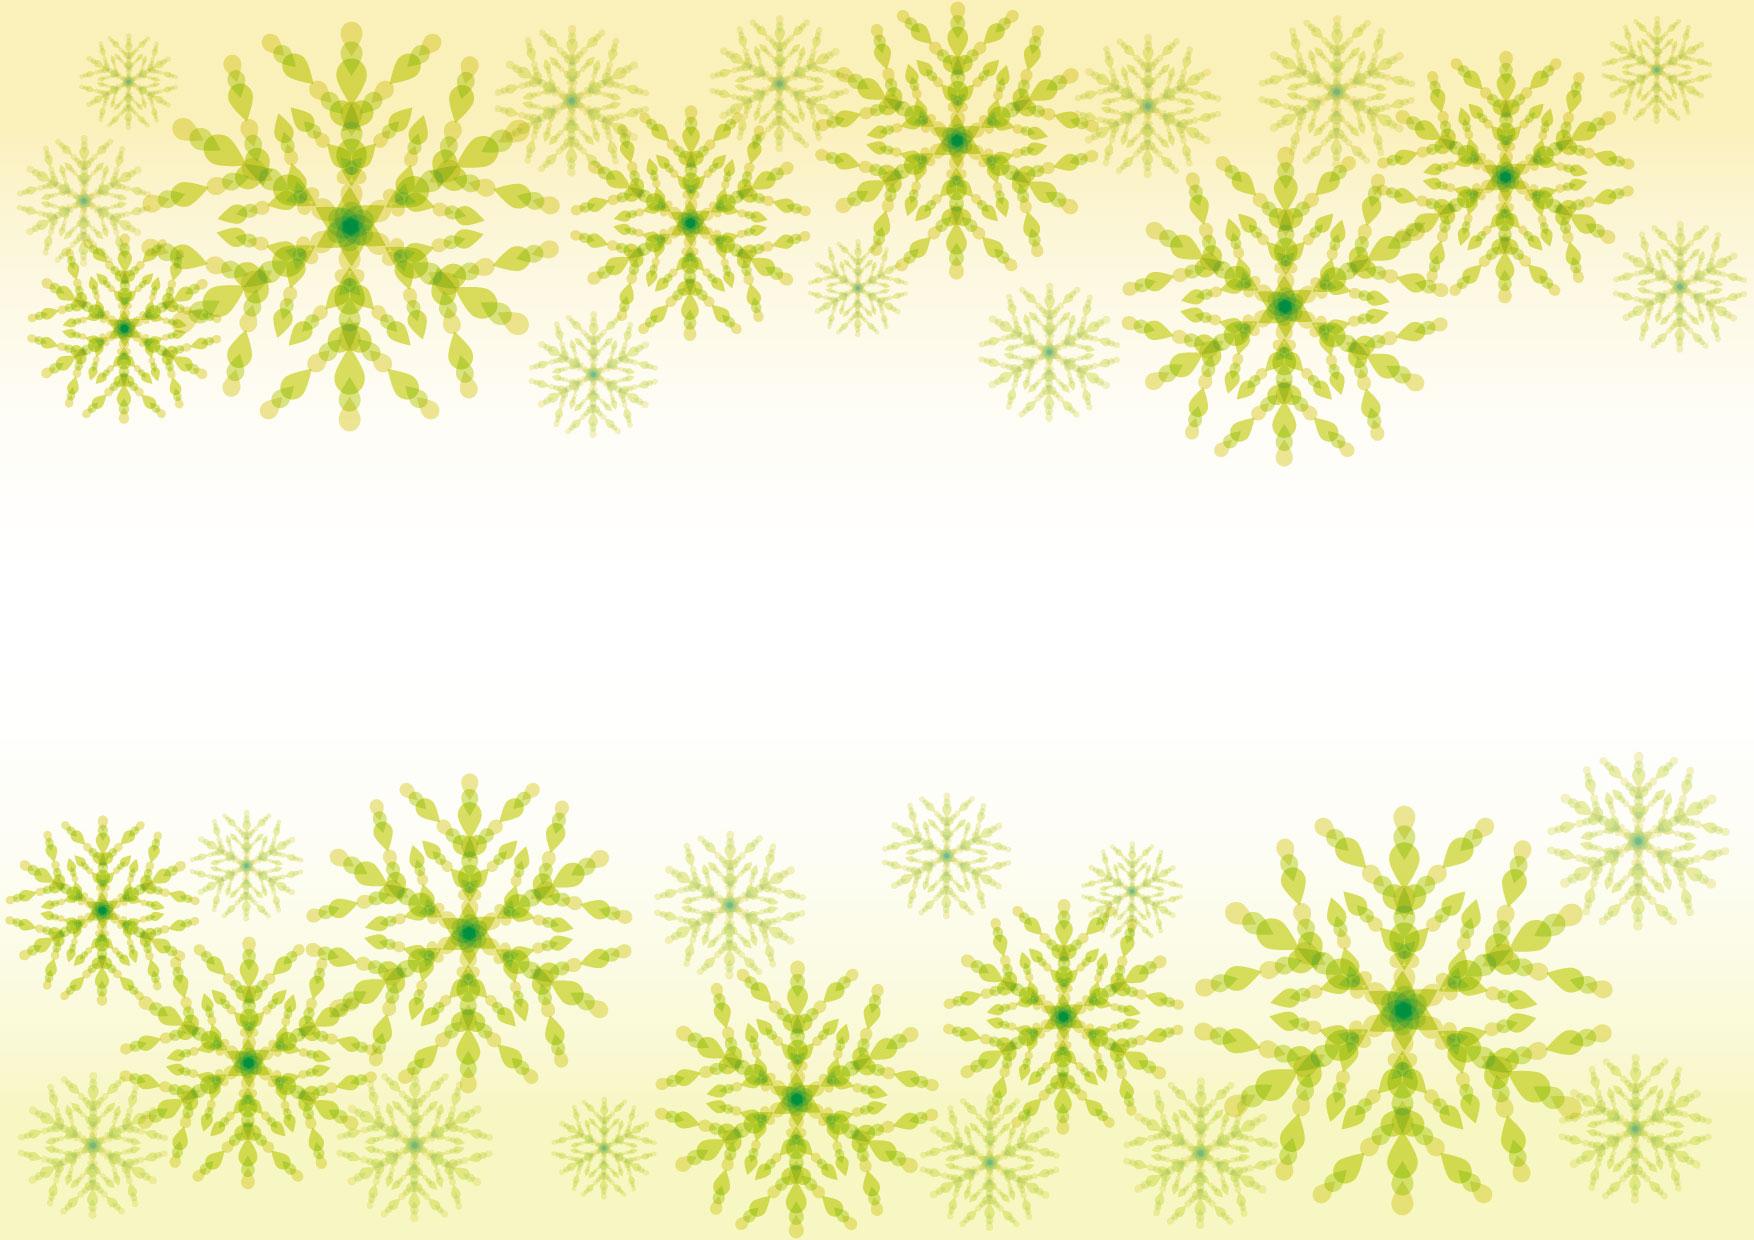 雪の結晶 黄色 背景 イラスト 無料 | イラストダウンロード